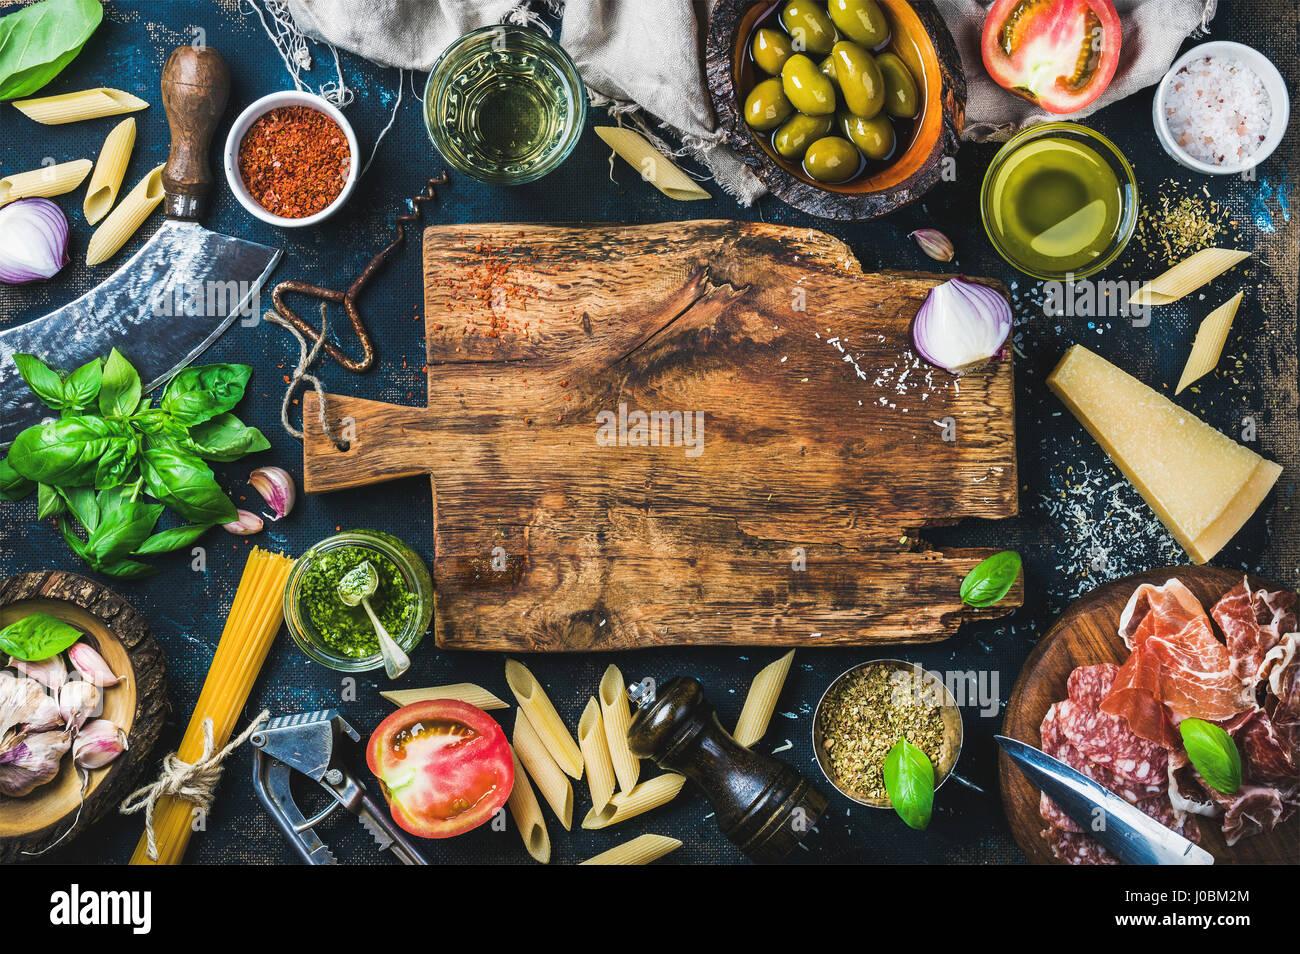 Italienische Küche kochen Zutaten auf dunklem Hintergrund Stockbild